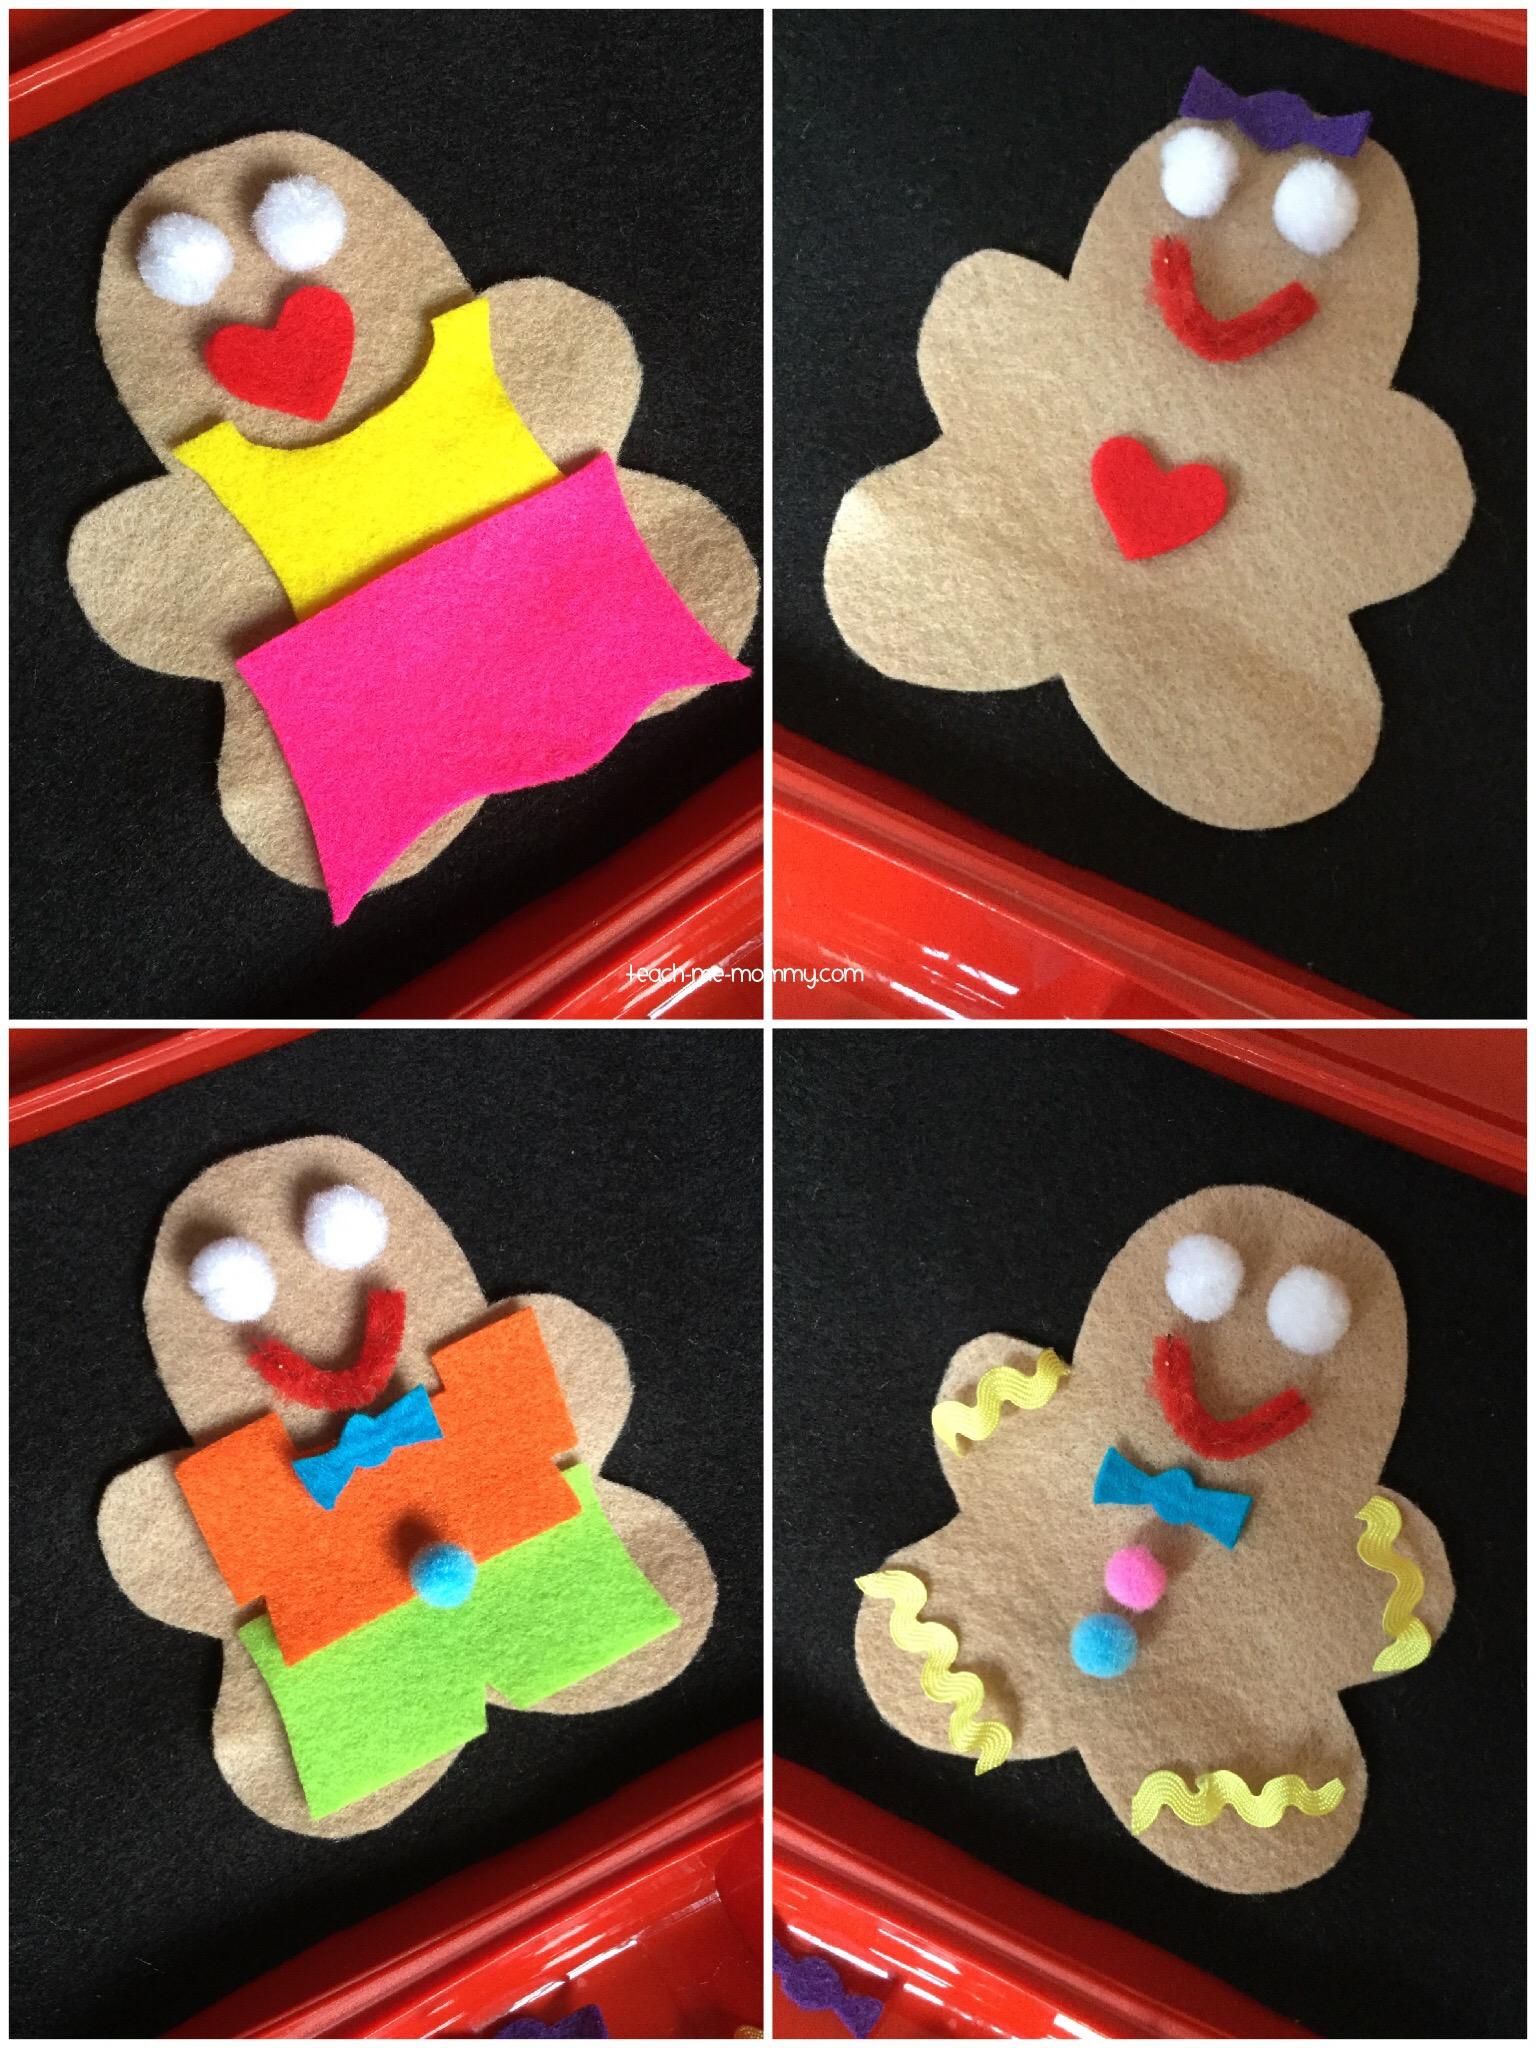 dress a gingerbread man